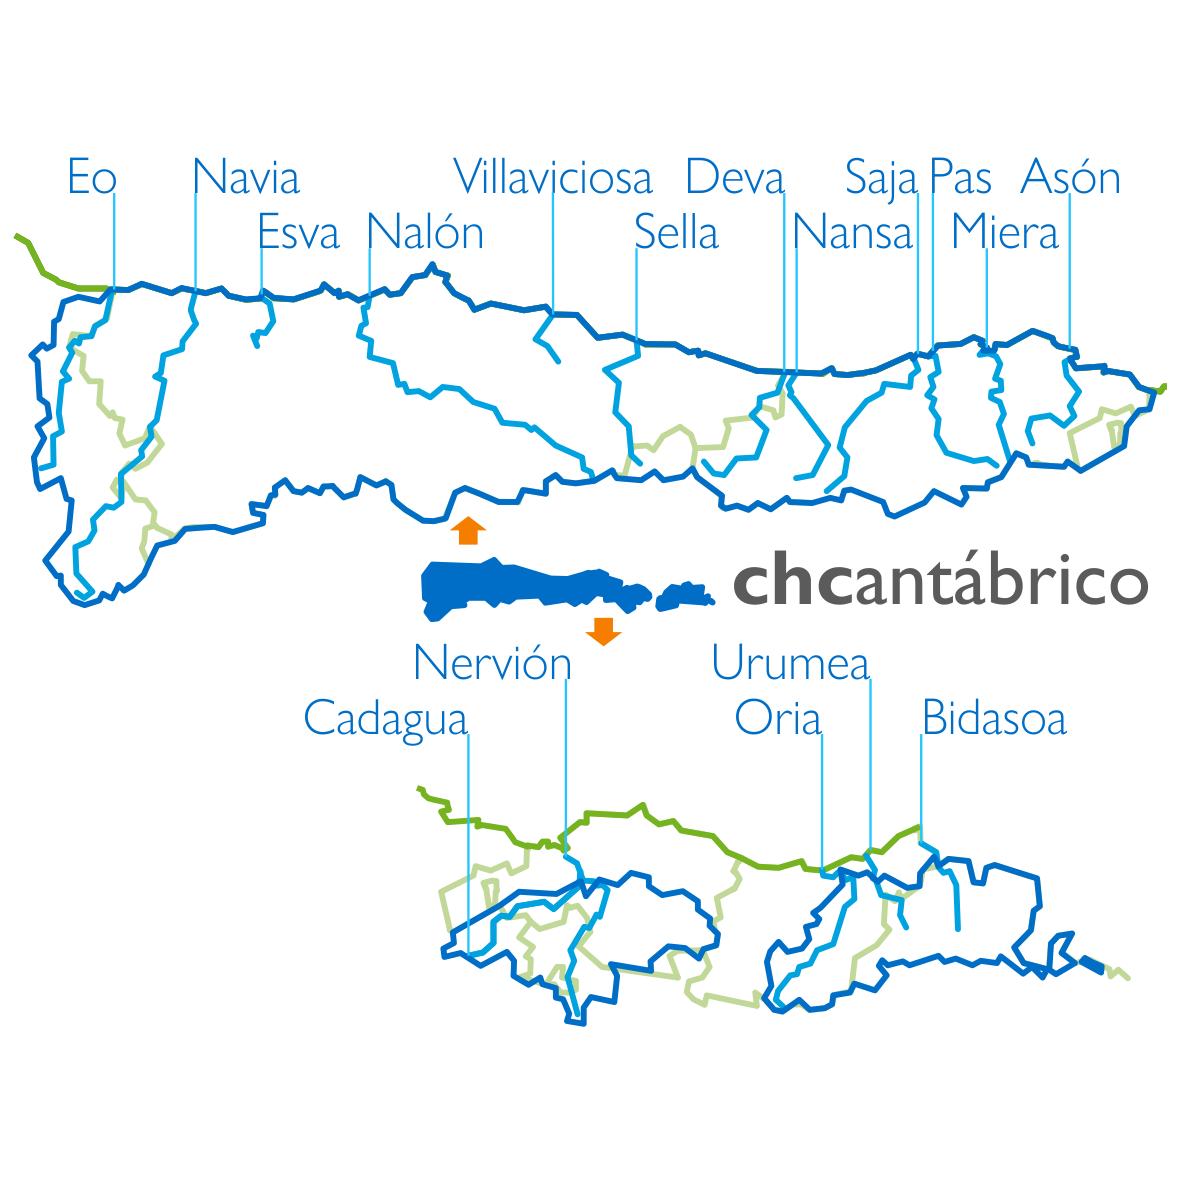 Ámbito y ríos principales